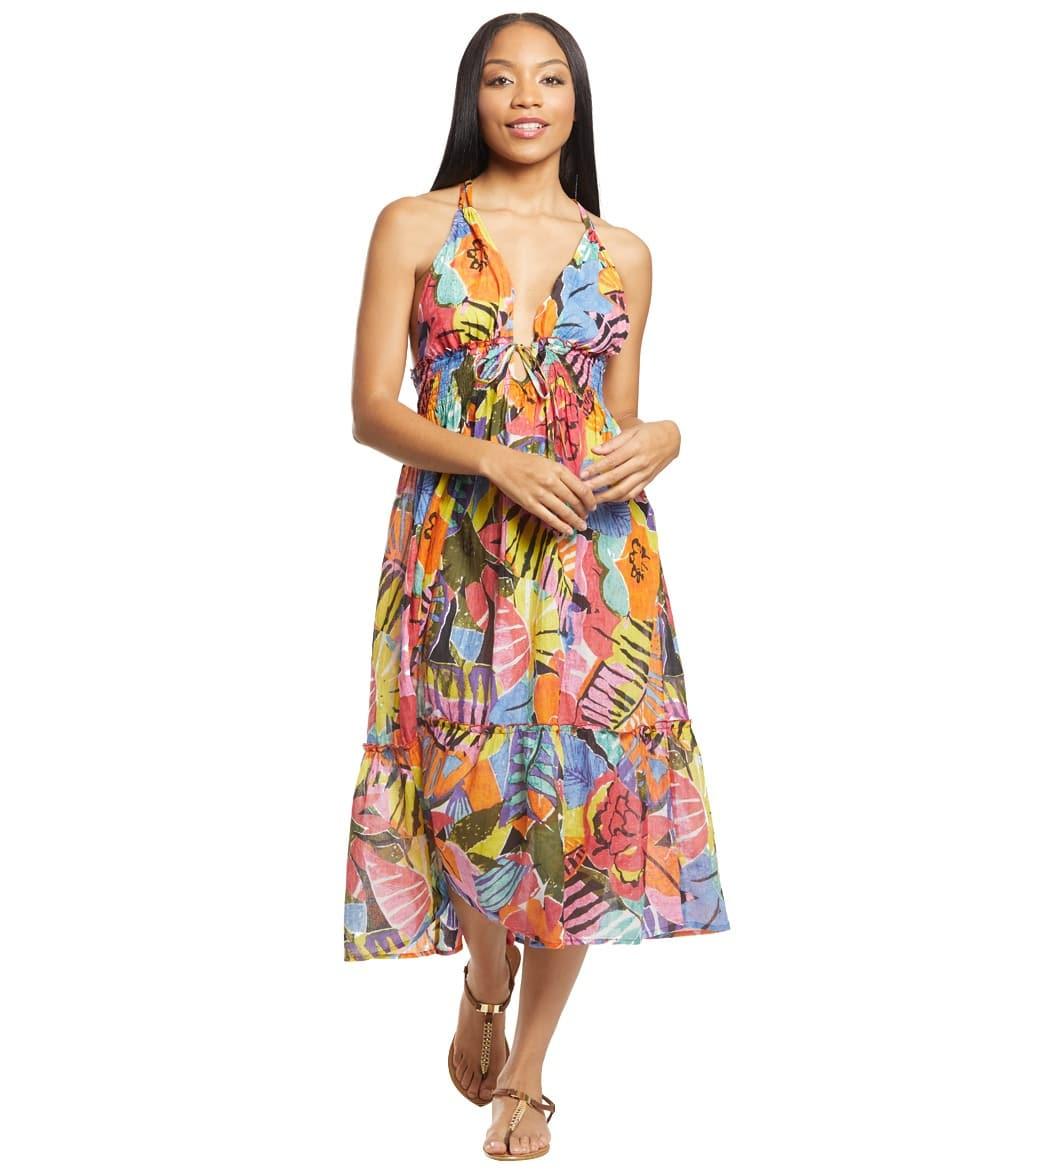 Ralph Lauren Polo Shirt Batik Floral Cover Up Midi Dress Cotton